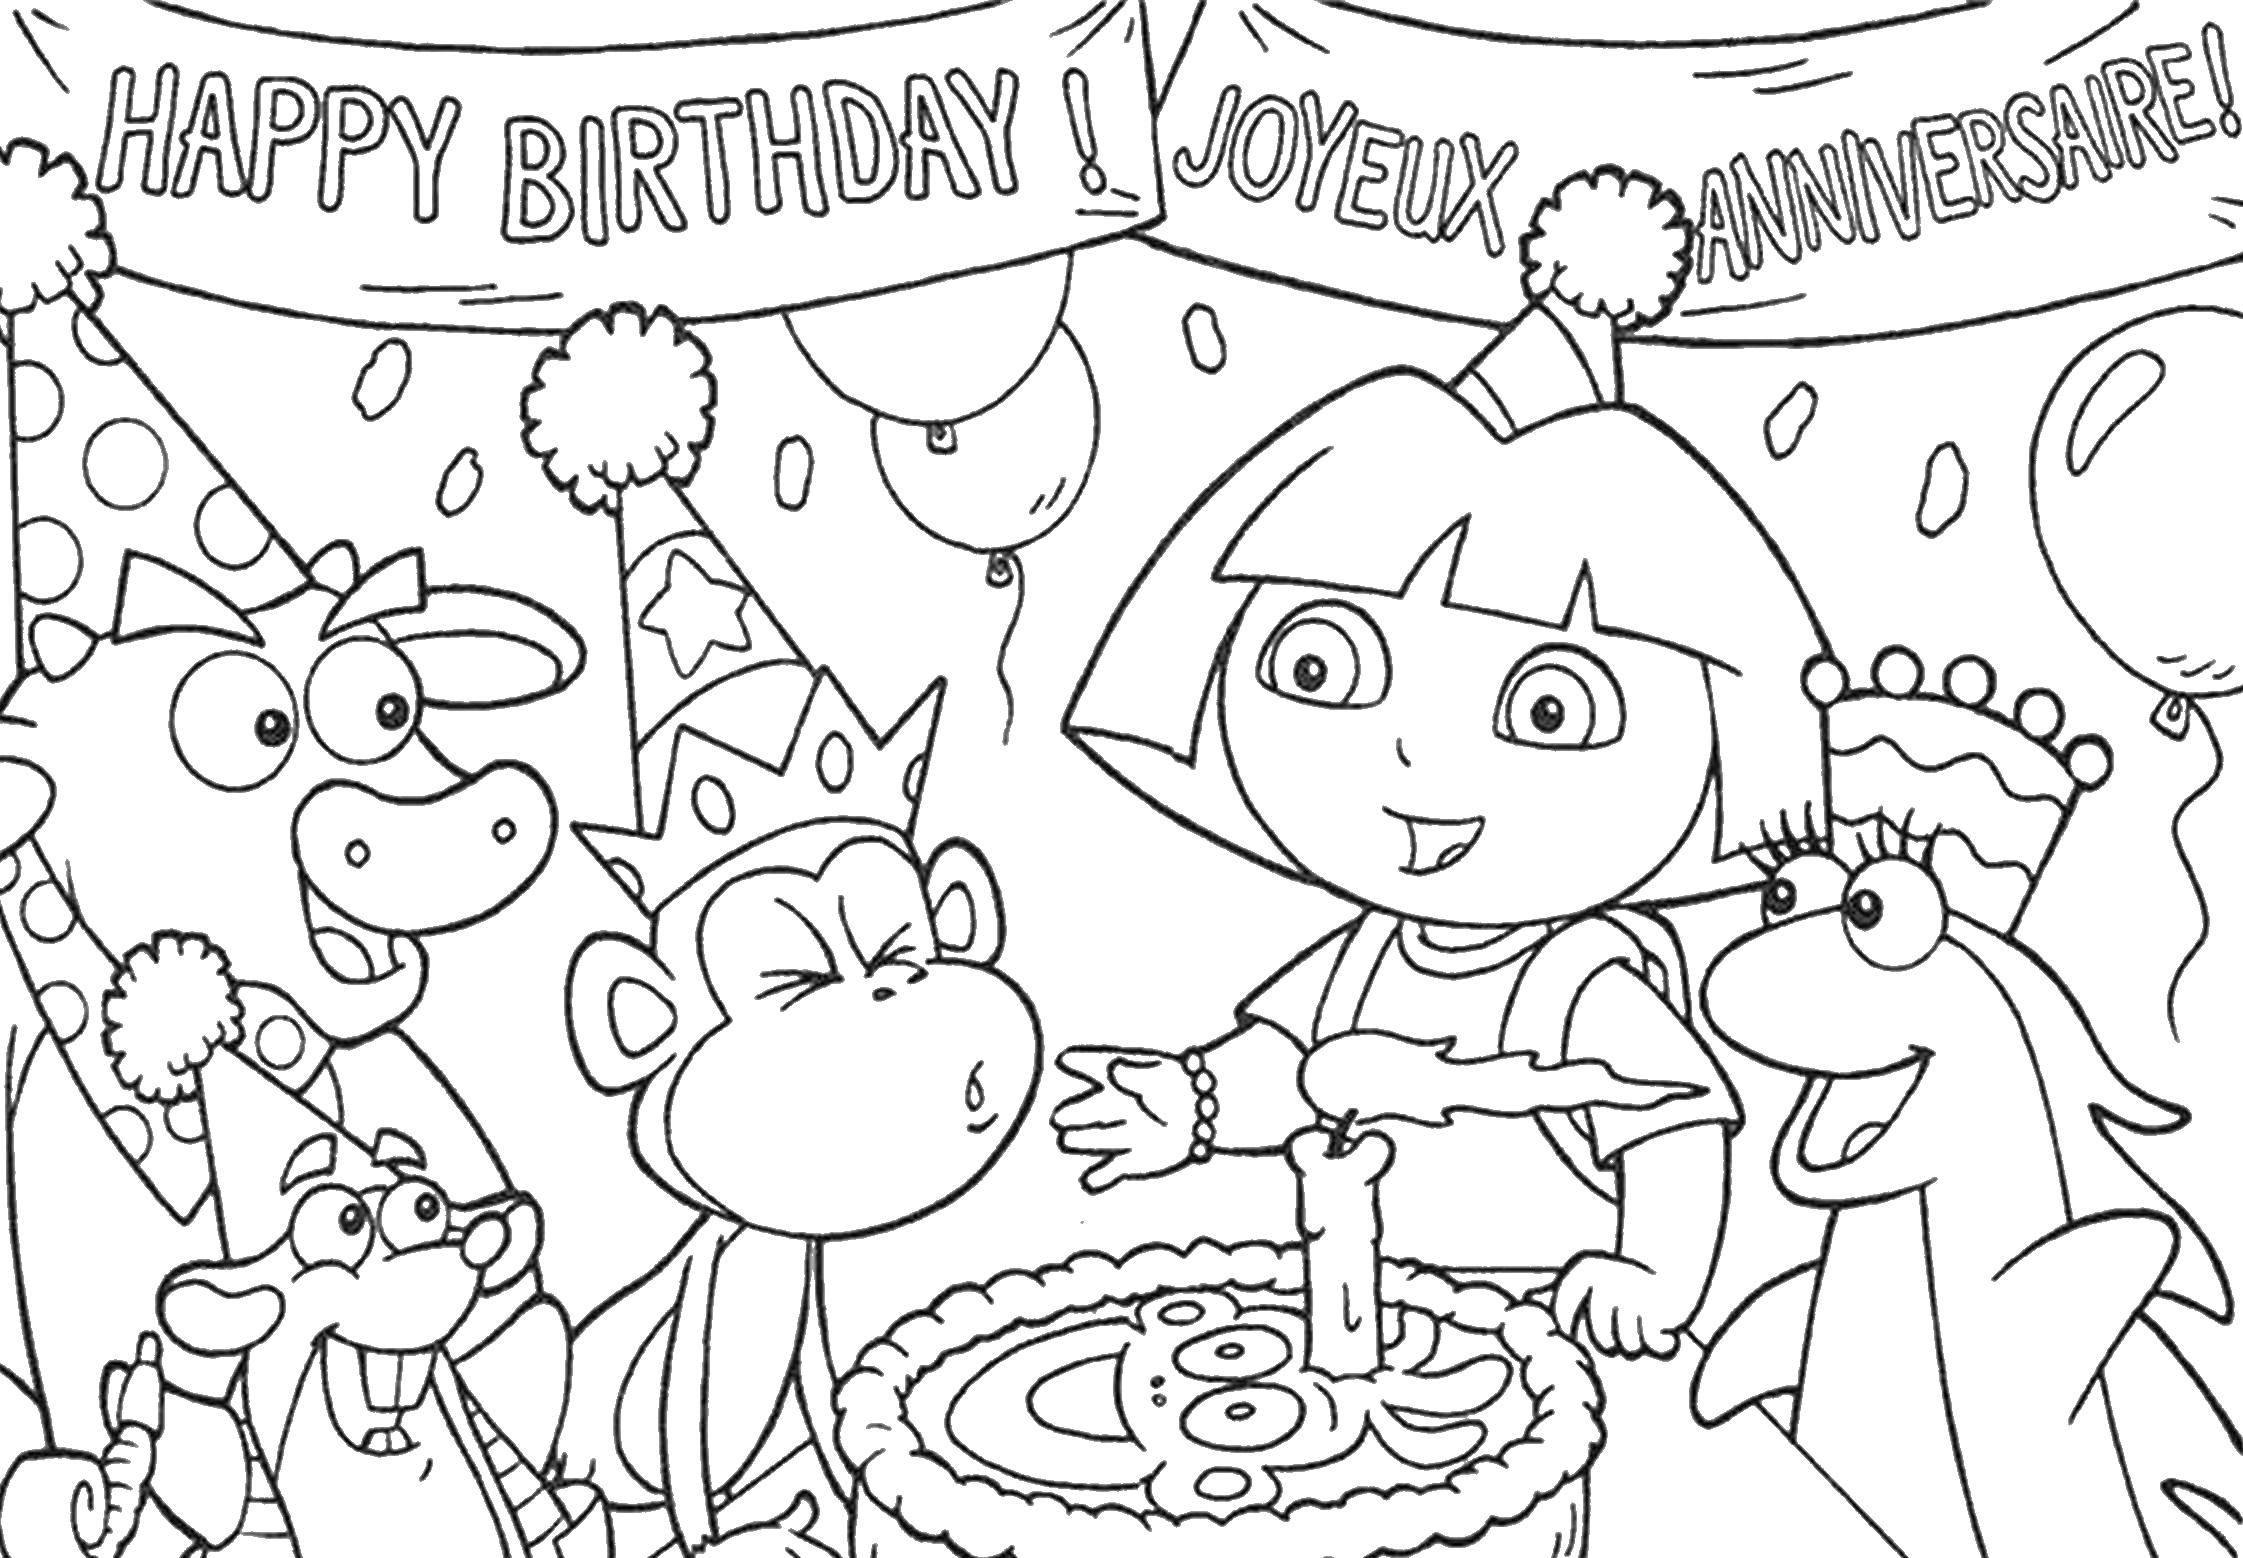 Раскраска Башмачку 1 годик Скачать Персонаж из мультфильма.  Распечатать ,день рождения,